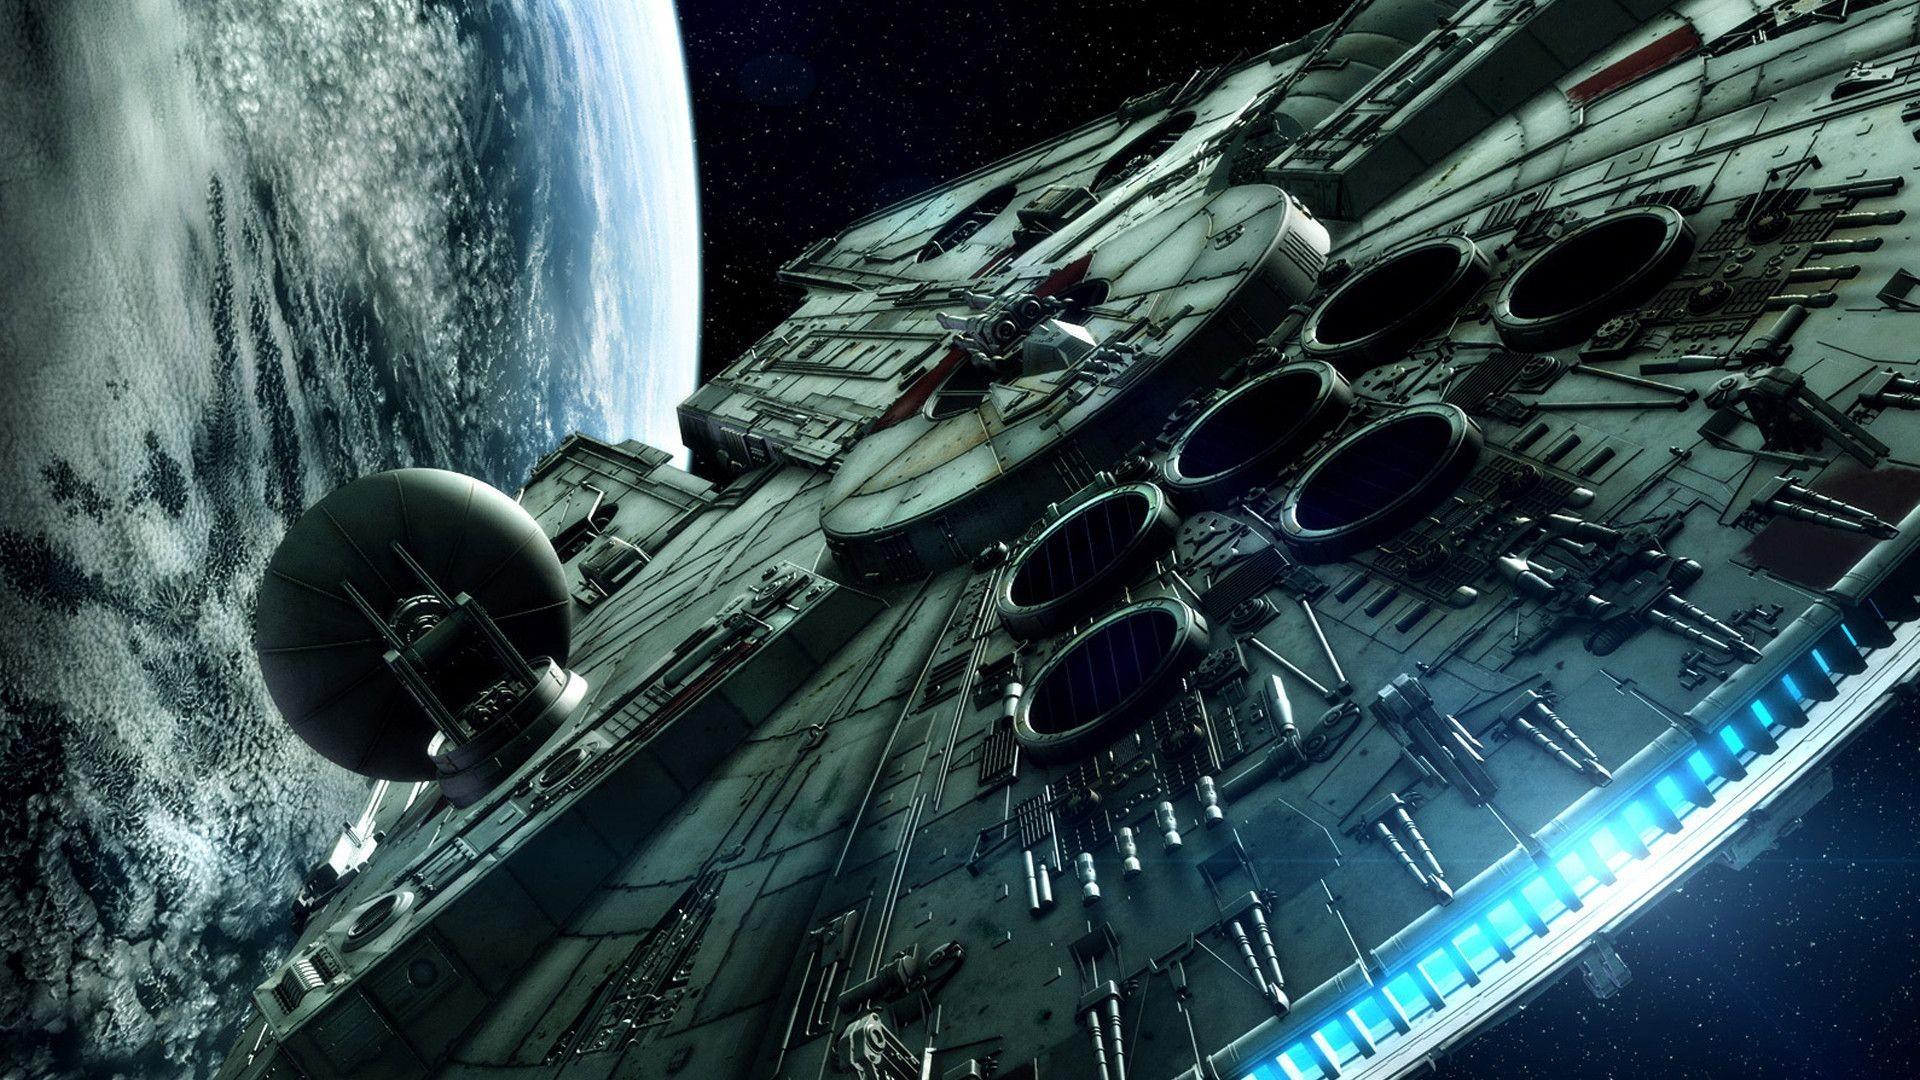 Lorelei Hosein: Top HD Star Wars Wallpapers, HDQ